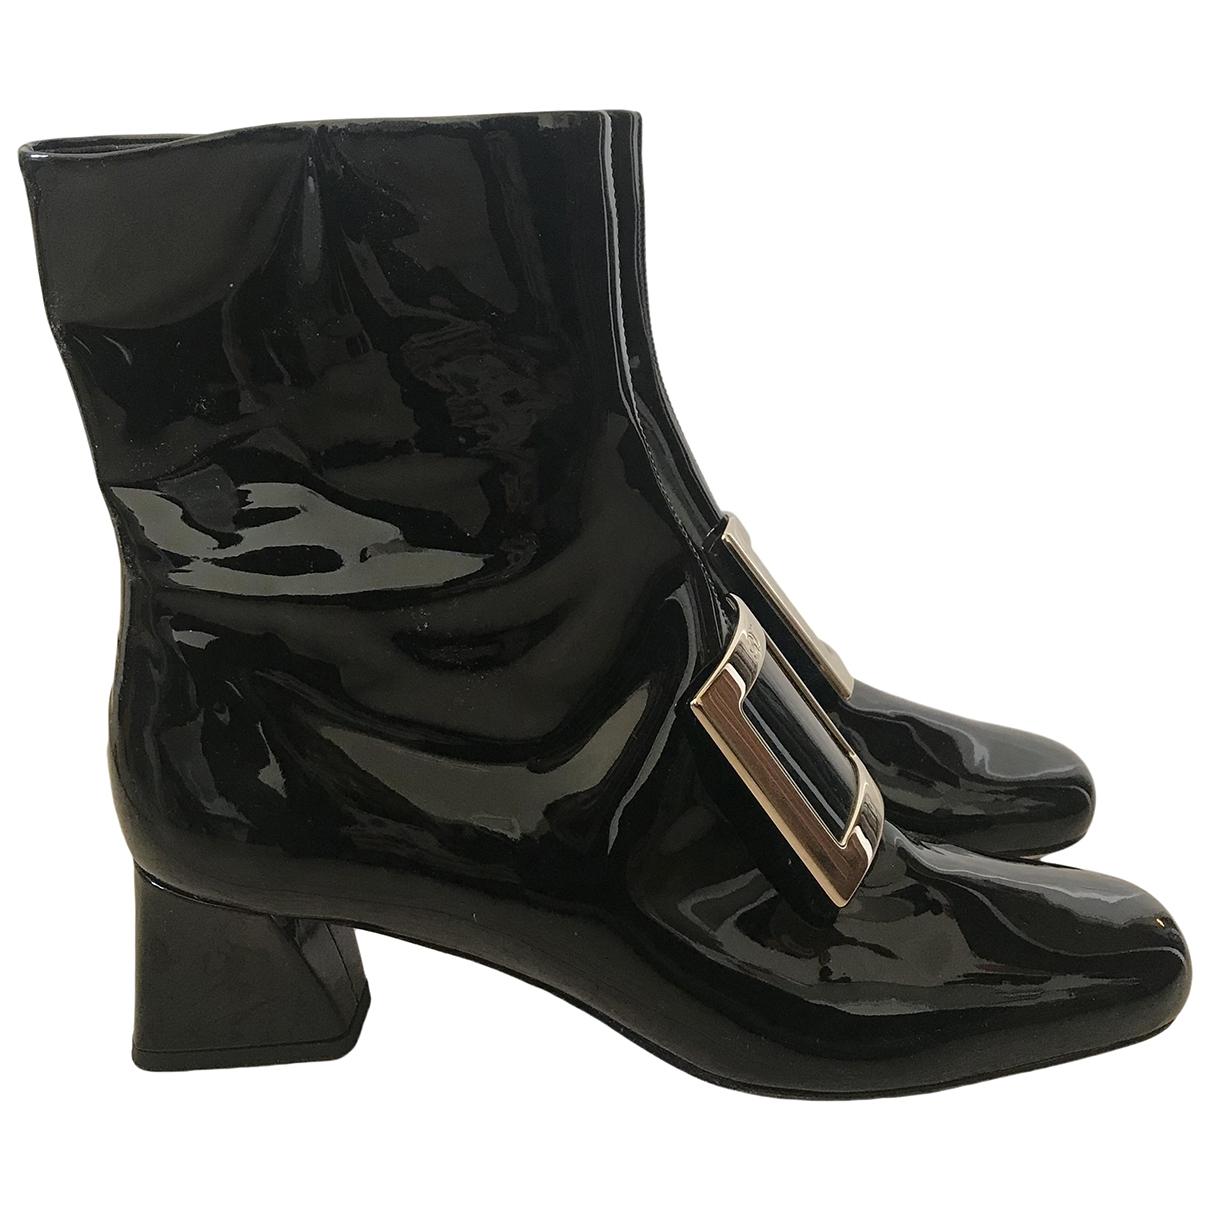 Roger Vivier - Boots   pour femme en cuir verni - noir